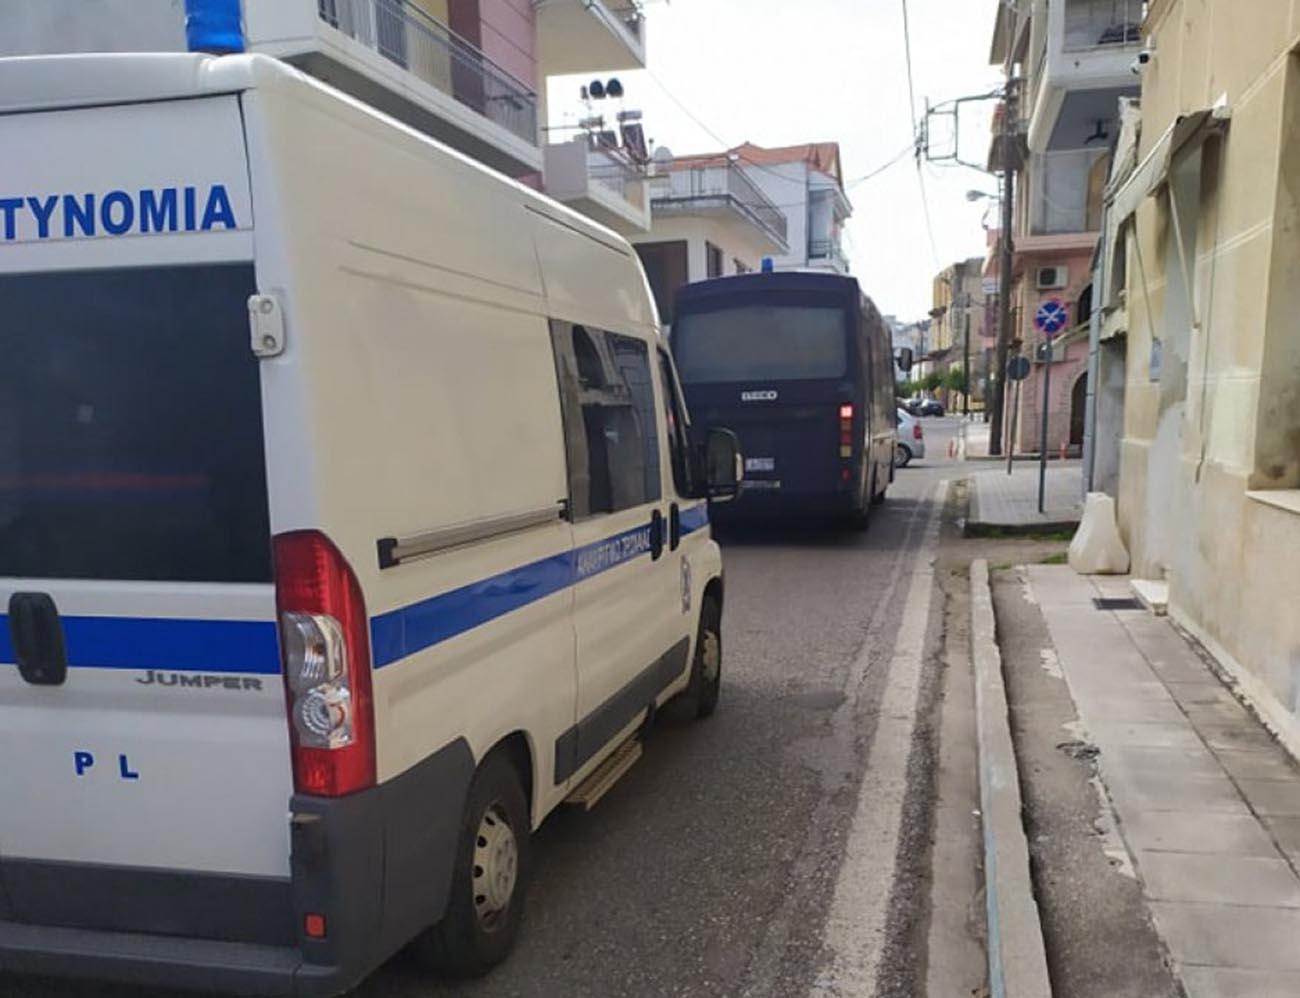 Είκοσι αστυνομικοί από την Διεύθυνση Αιτωλίας έφυγαν για Έβρο